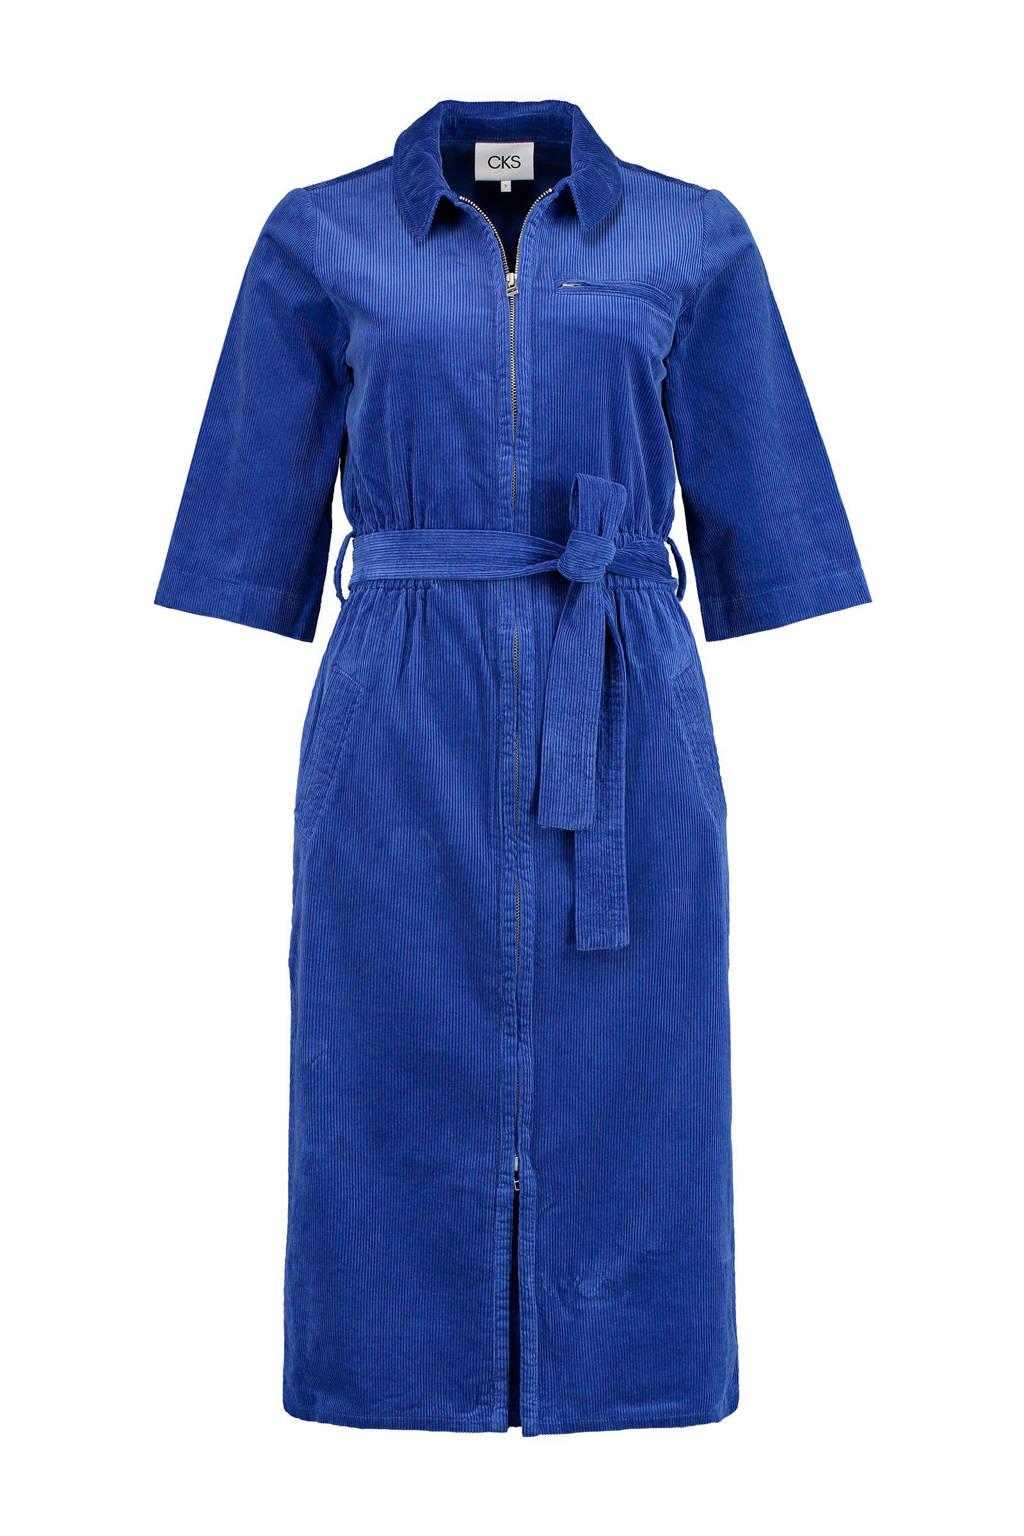 CKS corduroy jurk met ceintuur blauw, Blauw